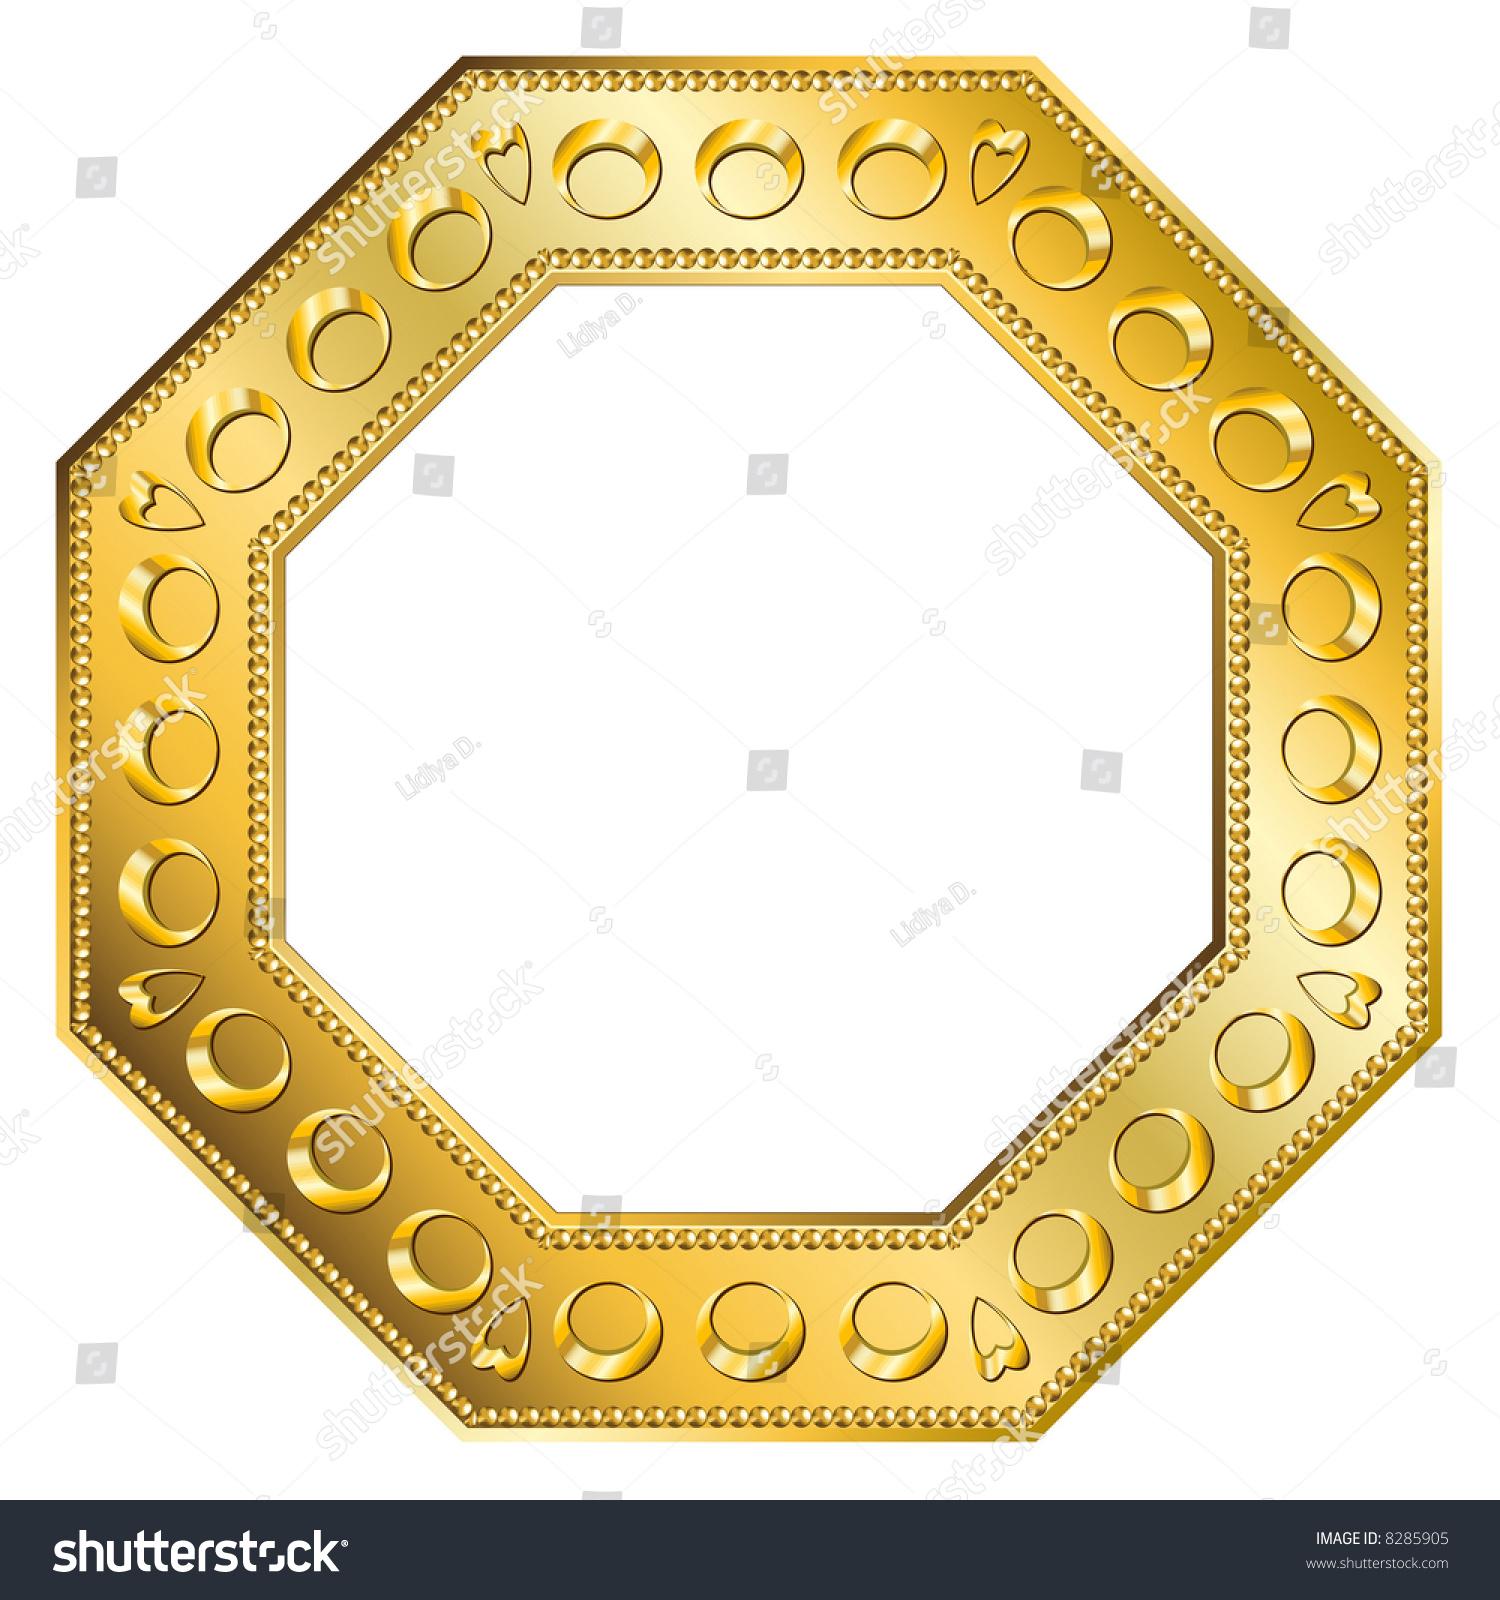 Golden Octagon Frame Digital Illustration Blends Stock Photo ...